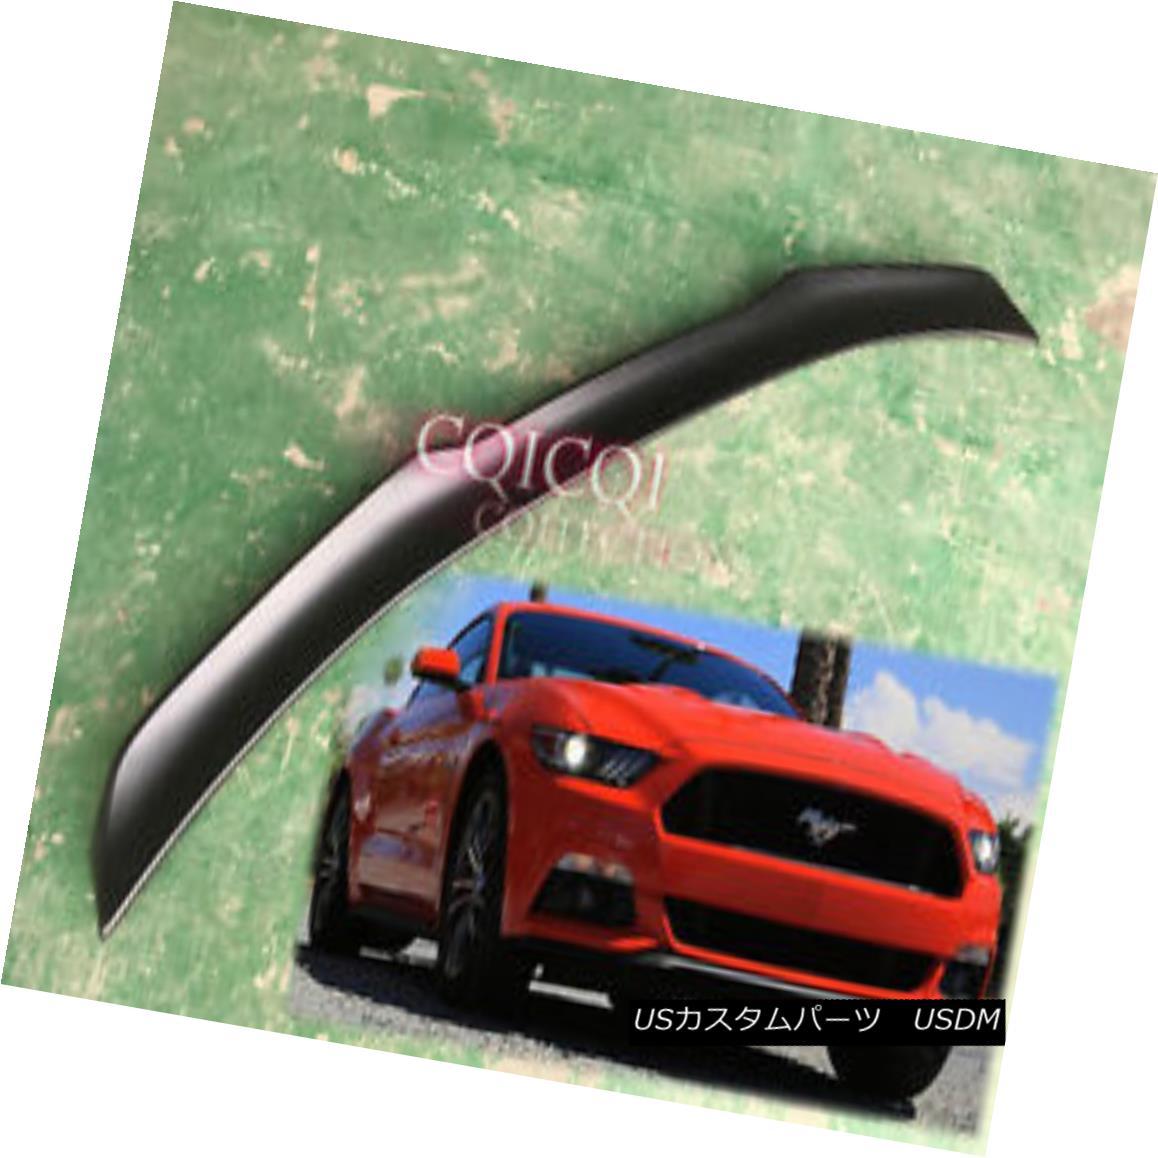 エアロパーツ Painted Ford 15-18 Mustang coupe 6th GT V type trunk spoiler All Color ◎ ペイントフォード15-18ムスタングクーペ第6 GT V型トランクスポイラーオールカラー?